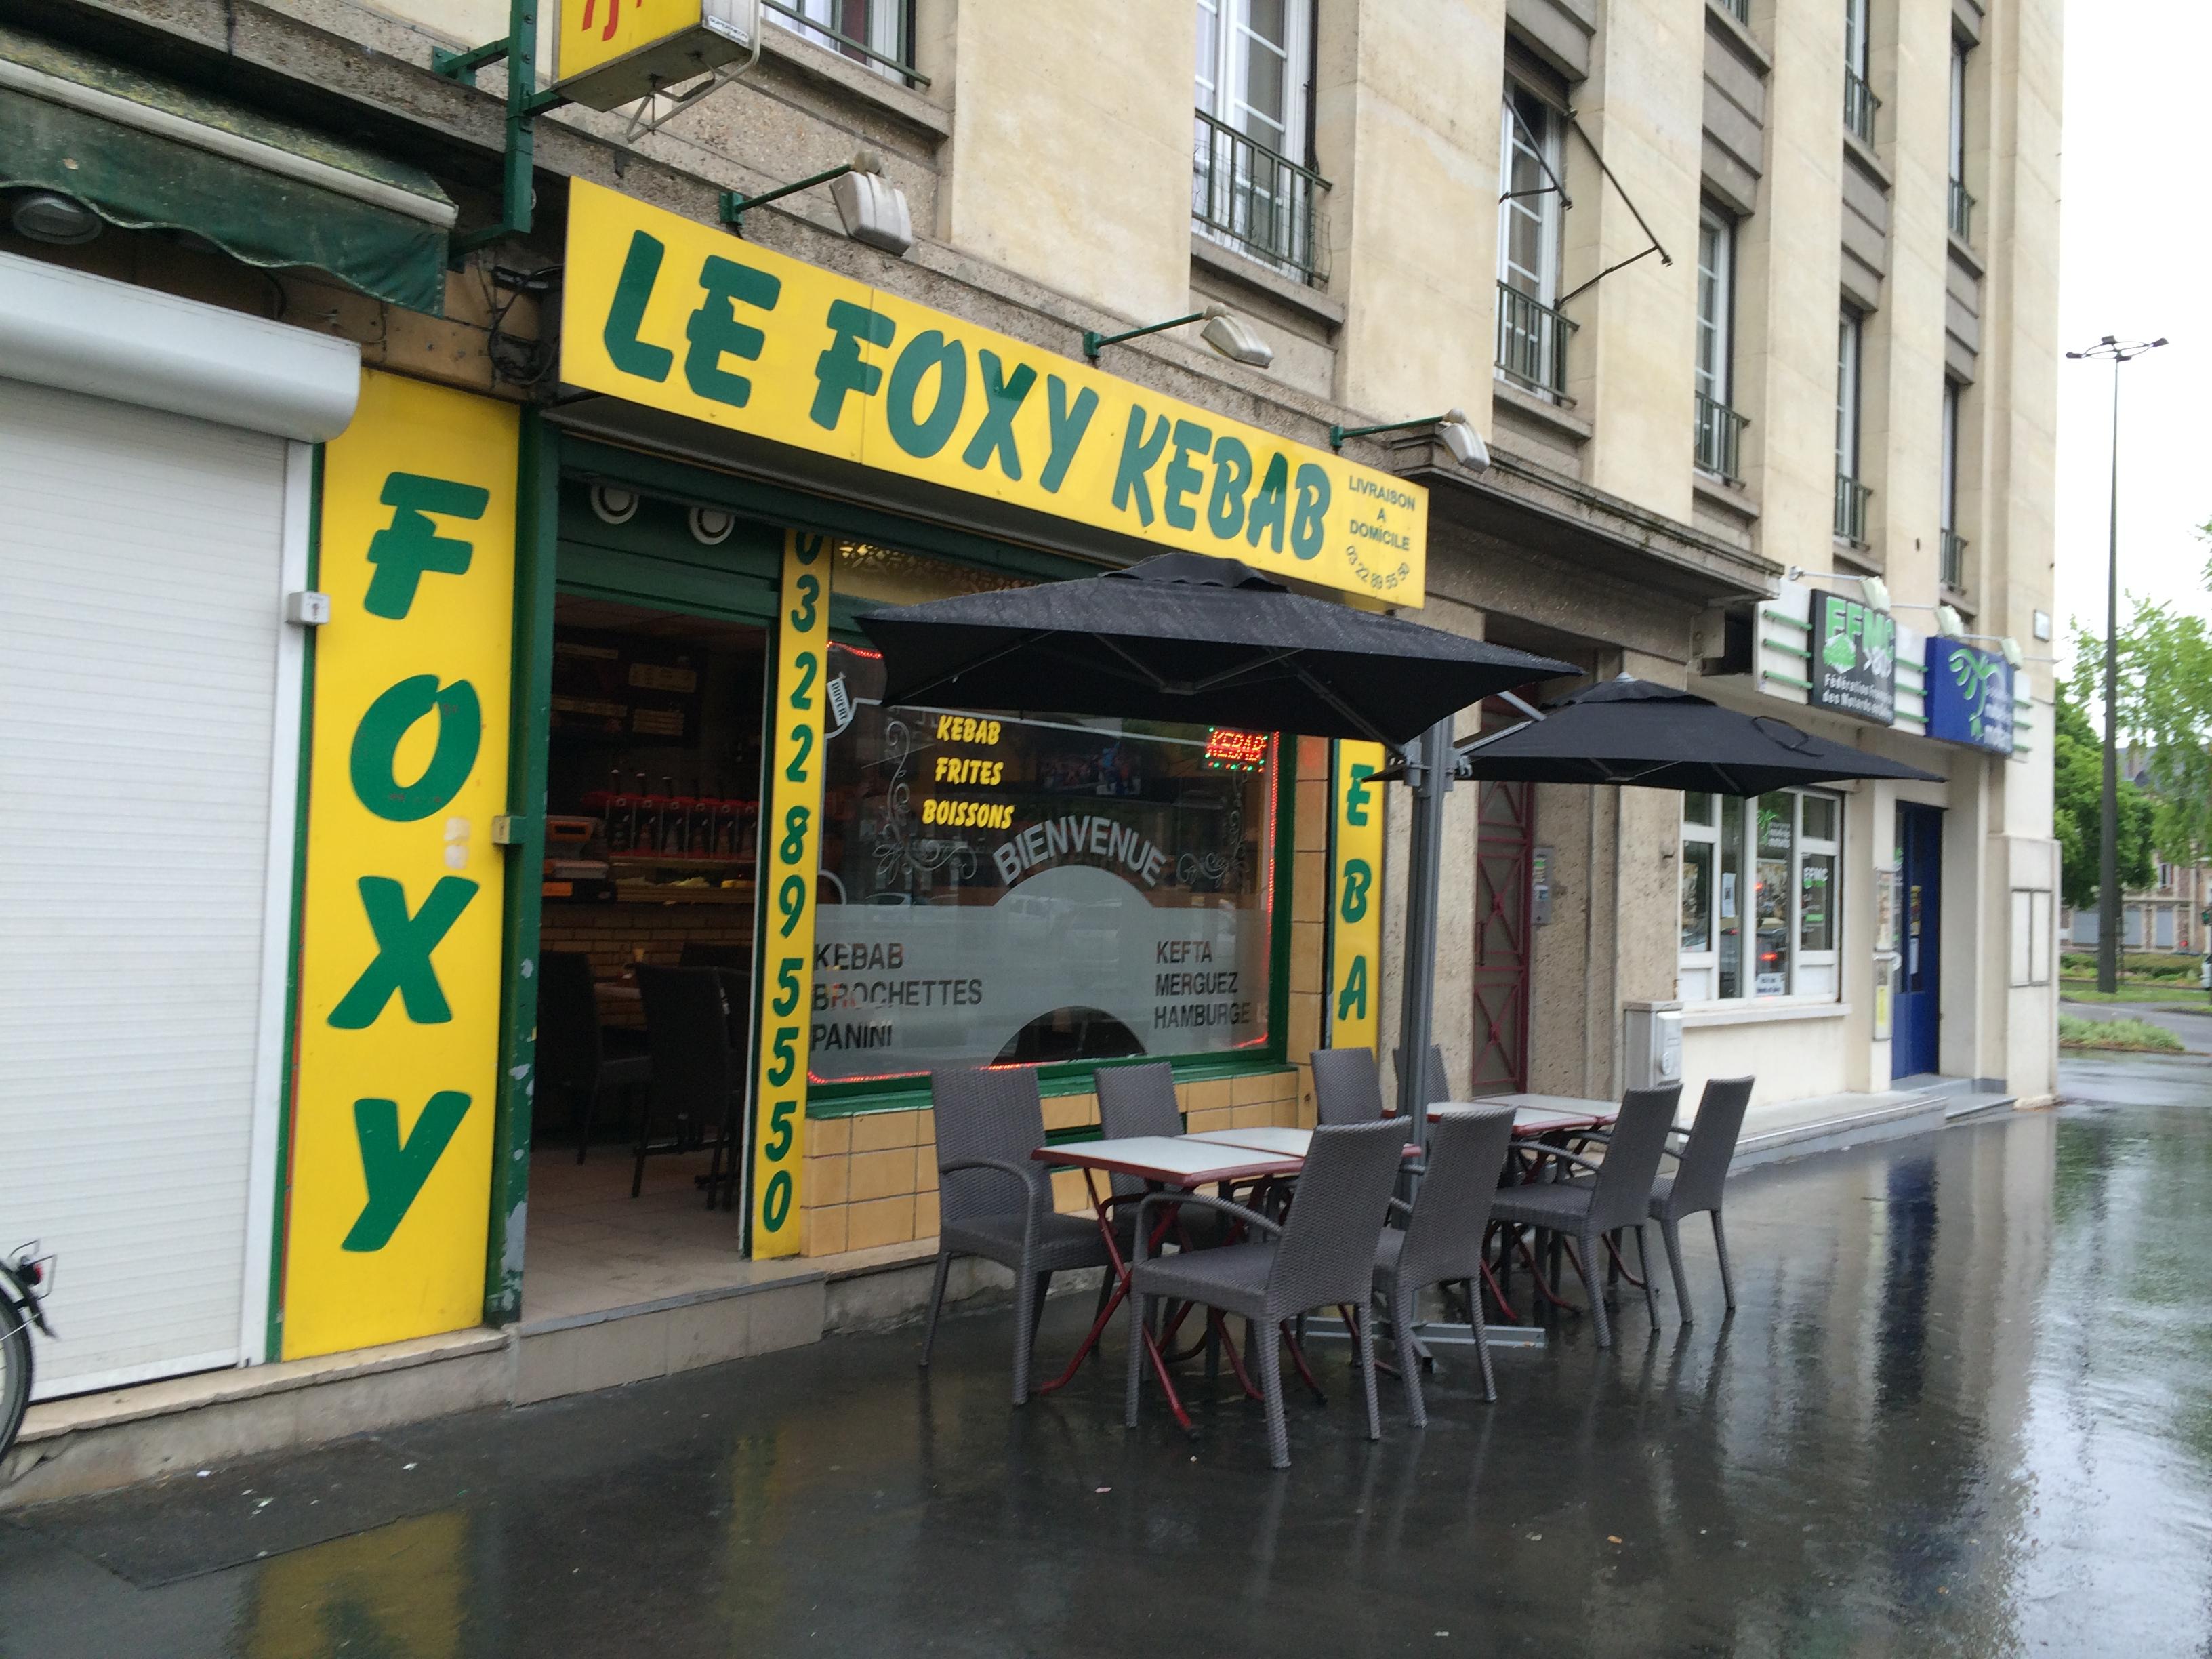 Le Foxy Kebab